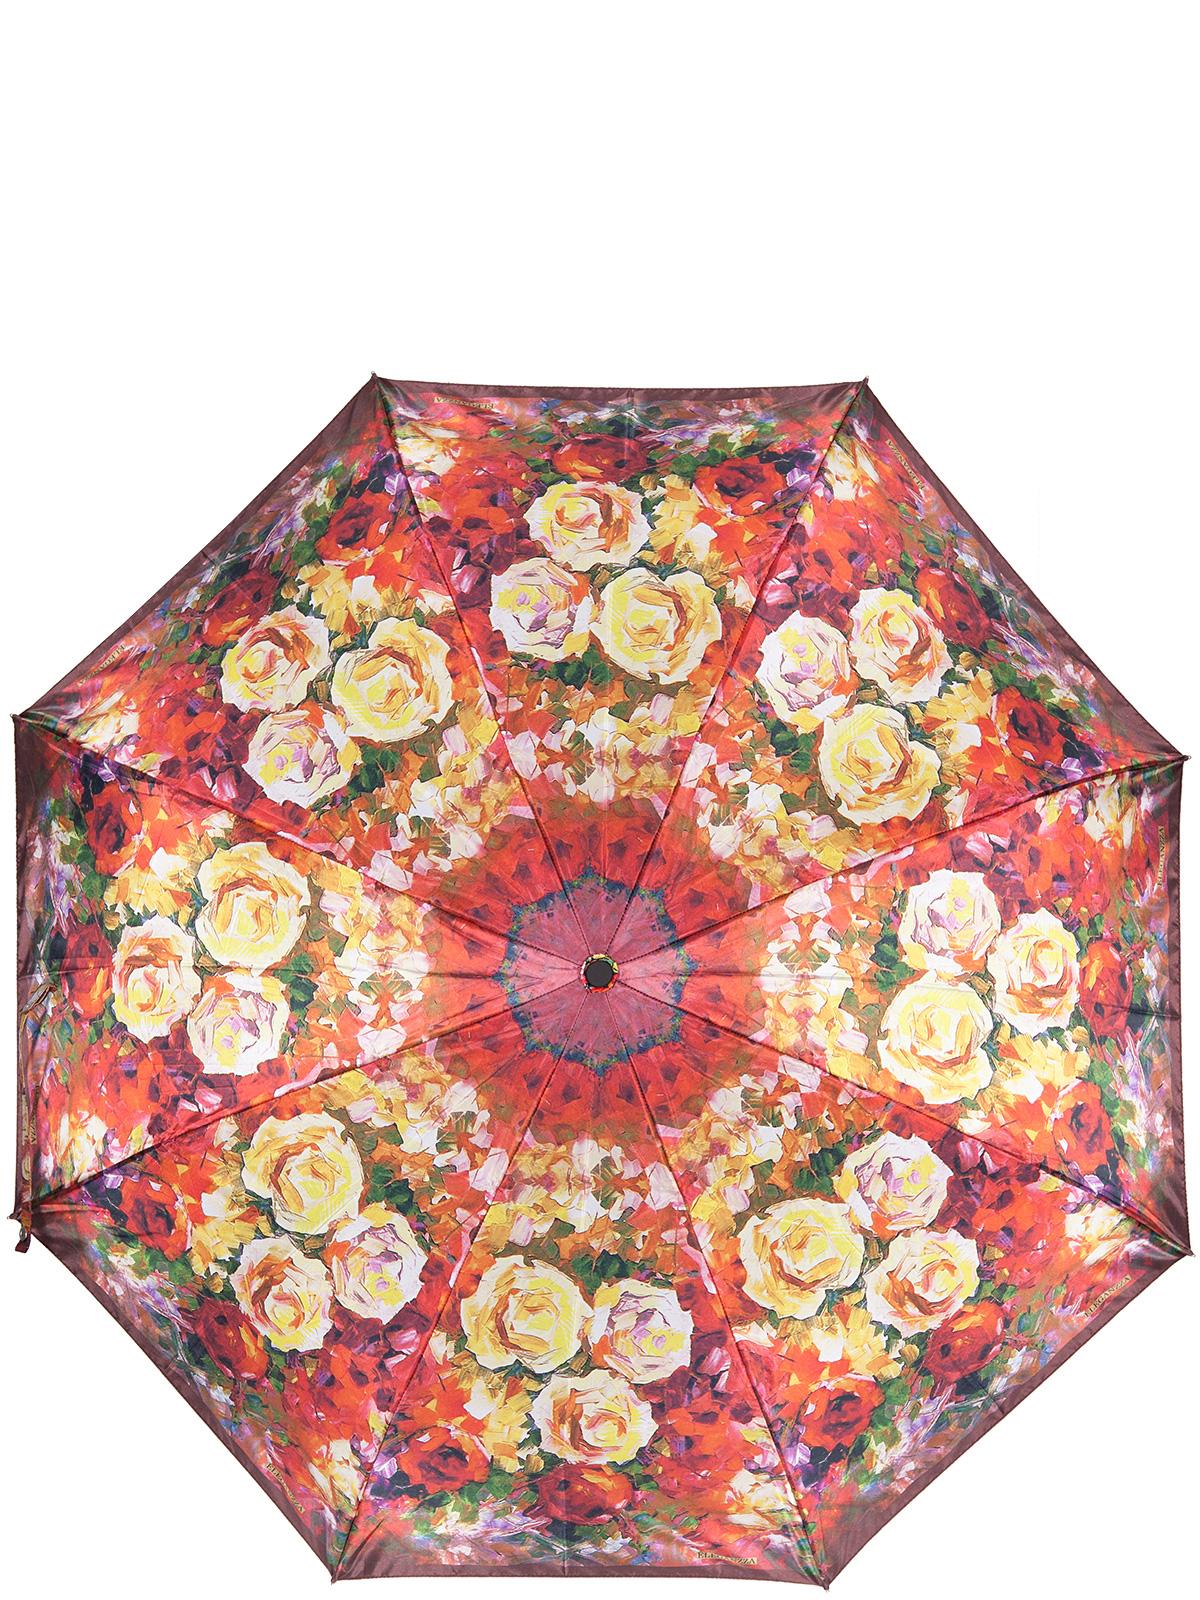 Зонт женский Eleganzza, цвет: красный, желтый. A3-05-0319LSA3-05-0319LSЖенский зонт-автомат торговой марки Eleganzza с каркасом Smart, который позволяет без особых усилий складывать зонт, не позволяя стержню вылетать обратно. Купол: 100% полиэстер, эпонж. Материал каркаса: сталь + фибергласс. Материал ручки: пластик. Длина изделия - 30 см. Диаметр купола - 105 см. Система Smart, не позволяет стержню при сложении вылететь обратно, это облегчает сложение зонта! При сложении есть характерный звук-треск, как трещетка. Примечание: зонт не откроется с кнопки если его не закрыть до щелчка.